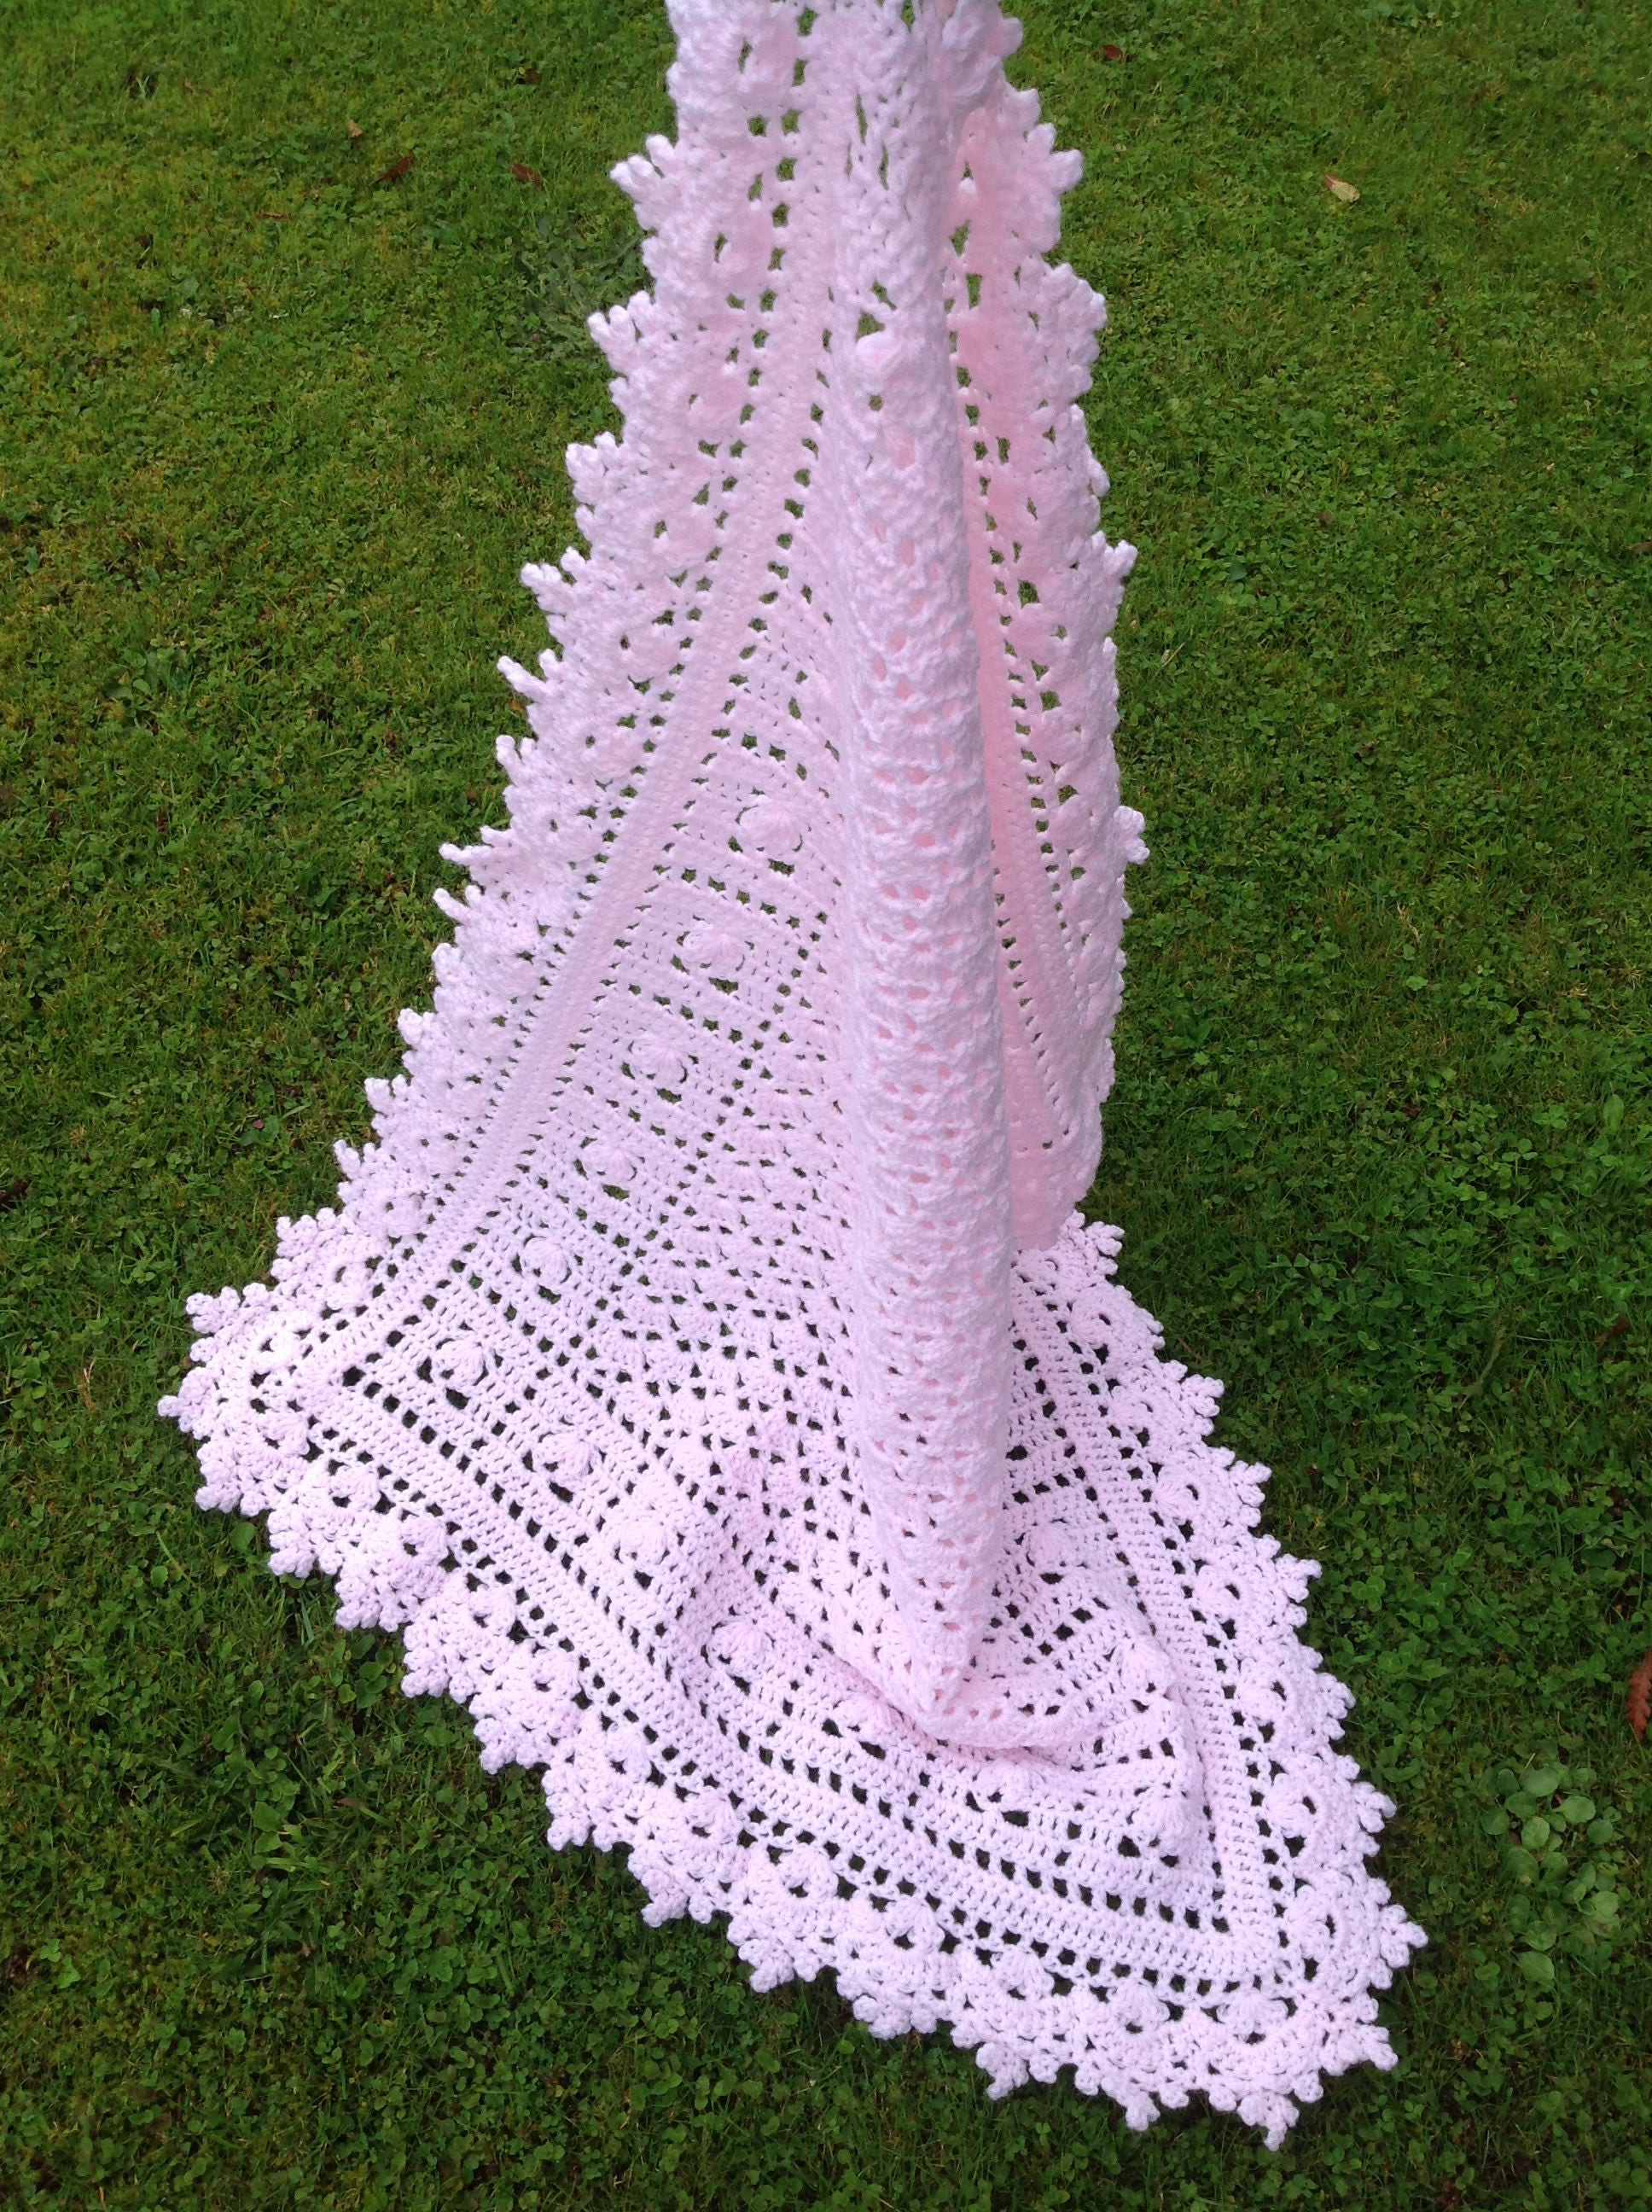 Crochet Baby Blanket Pink Crochet Baby Afghan Sweet Dreams